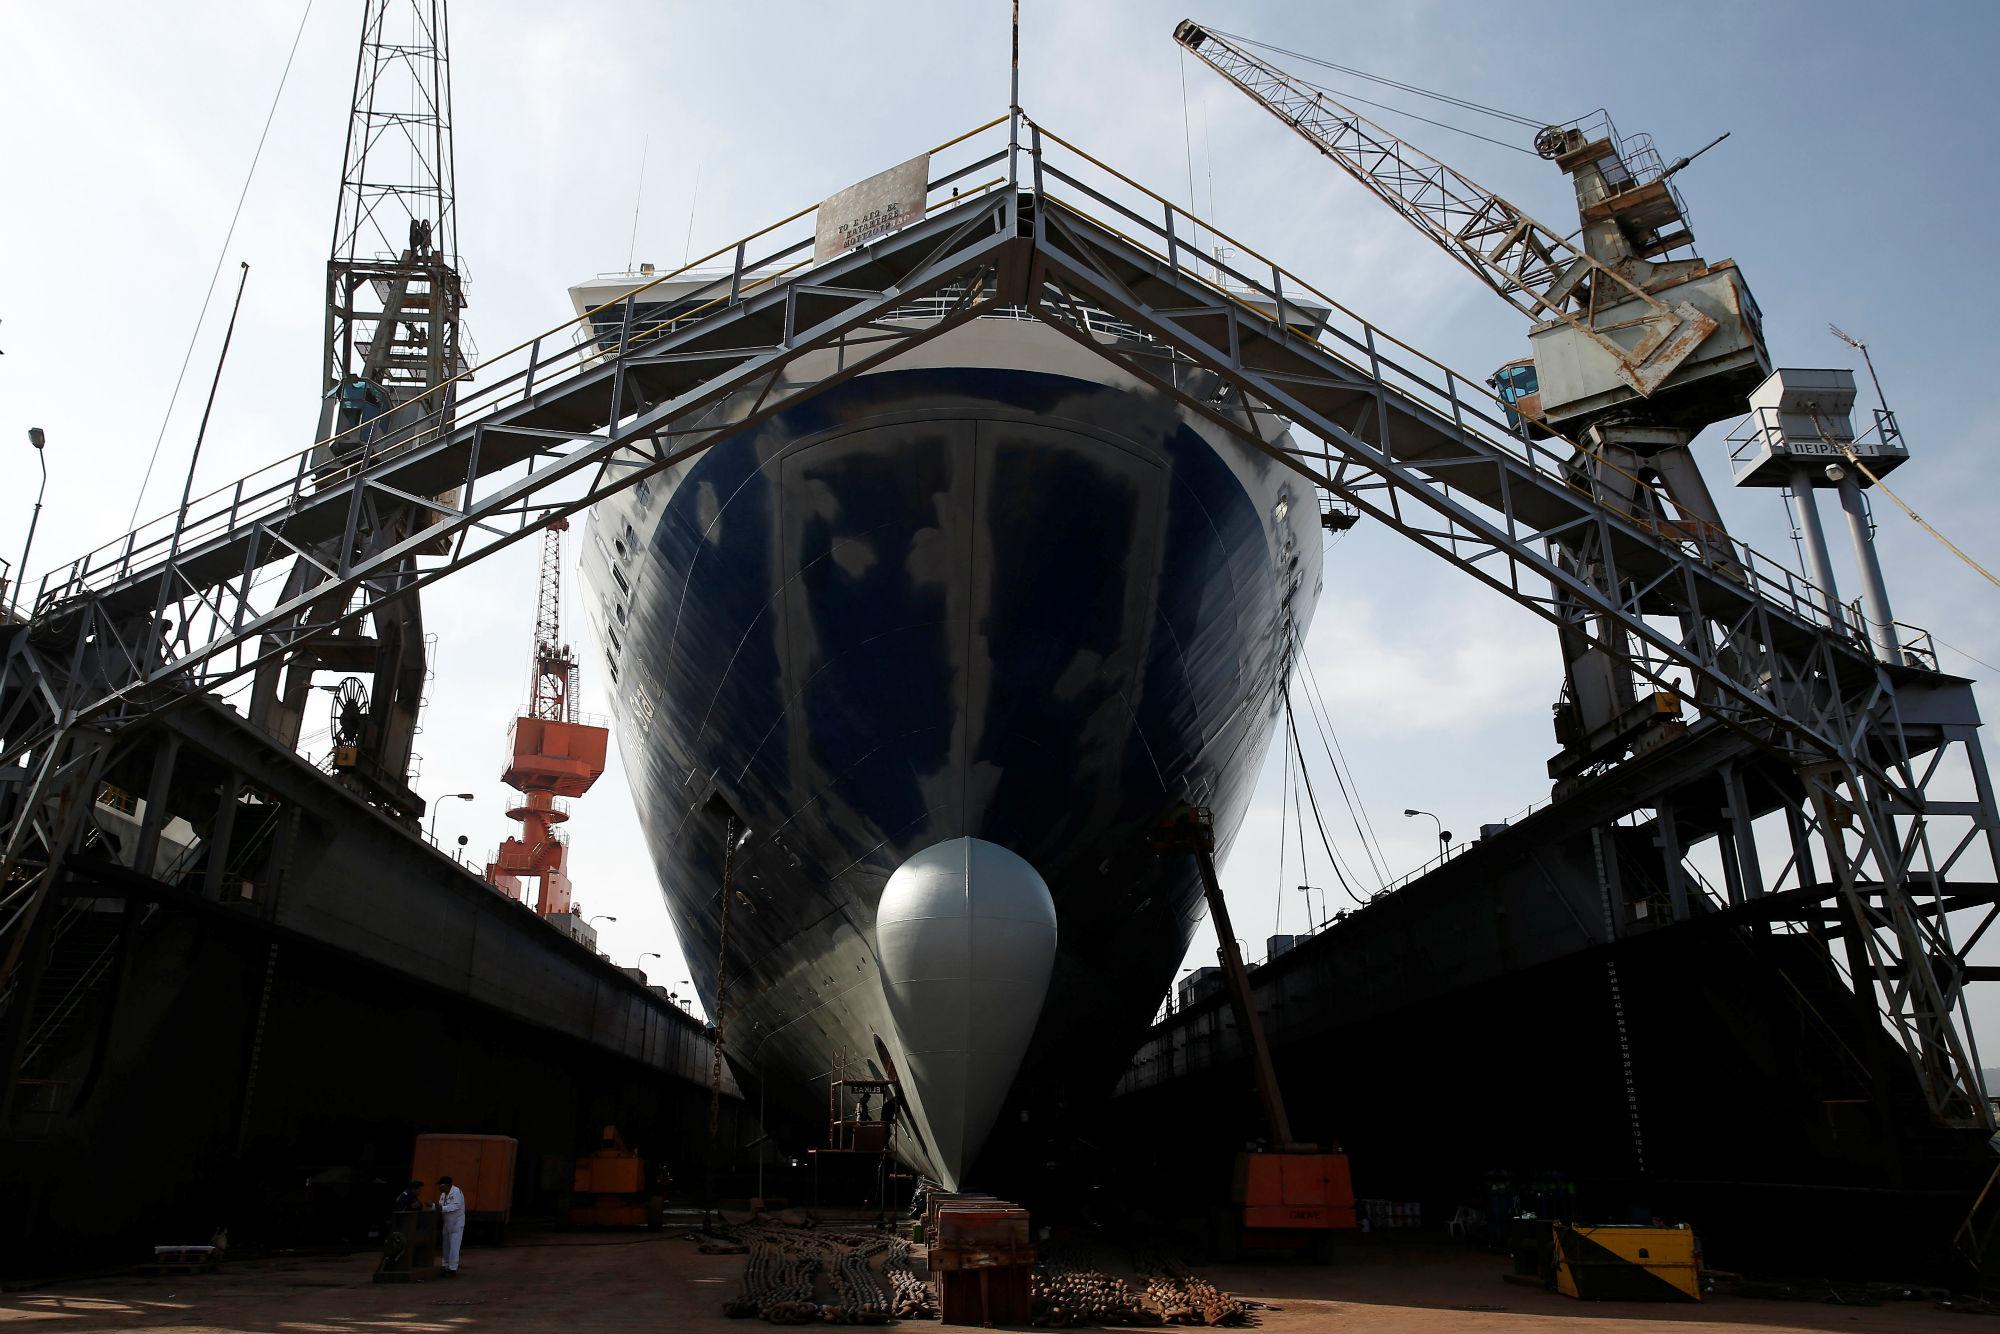 Grčko brodogradilište u Pireju, nedaleko od Atene